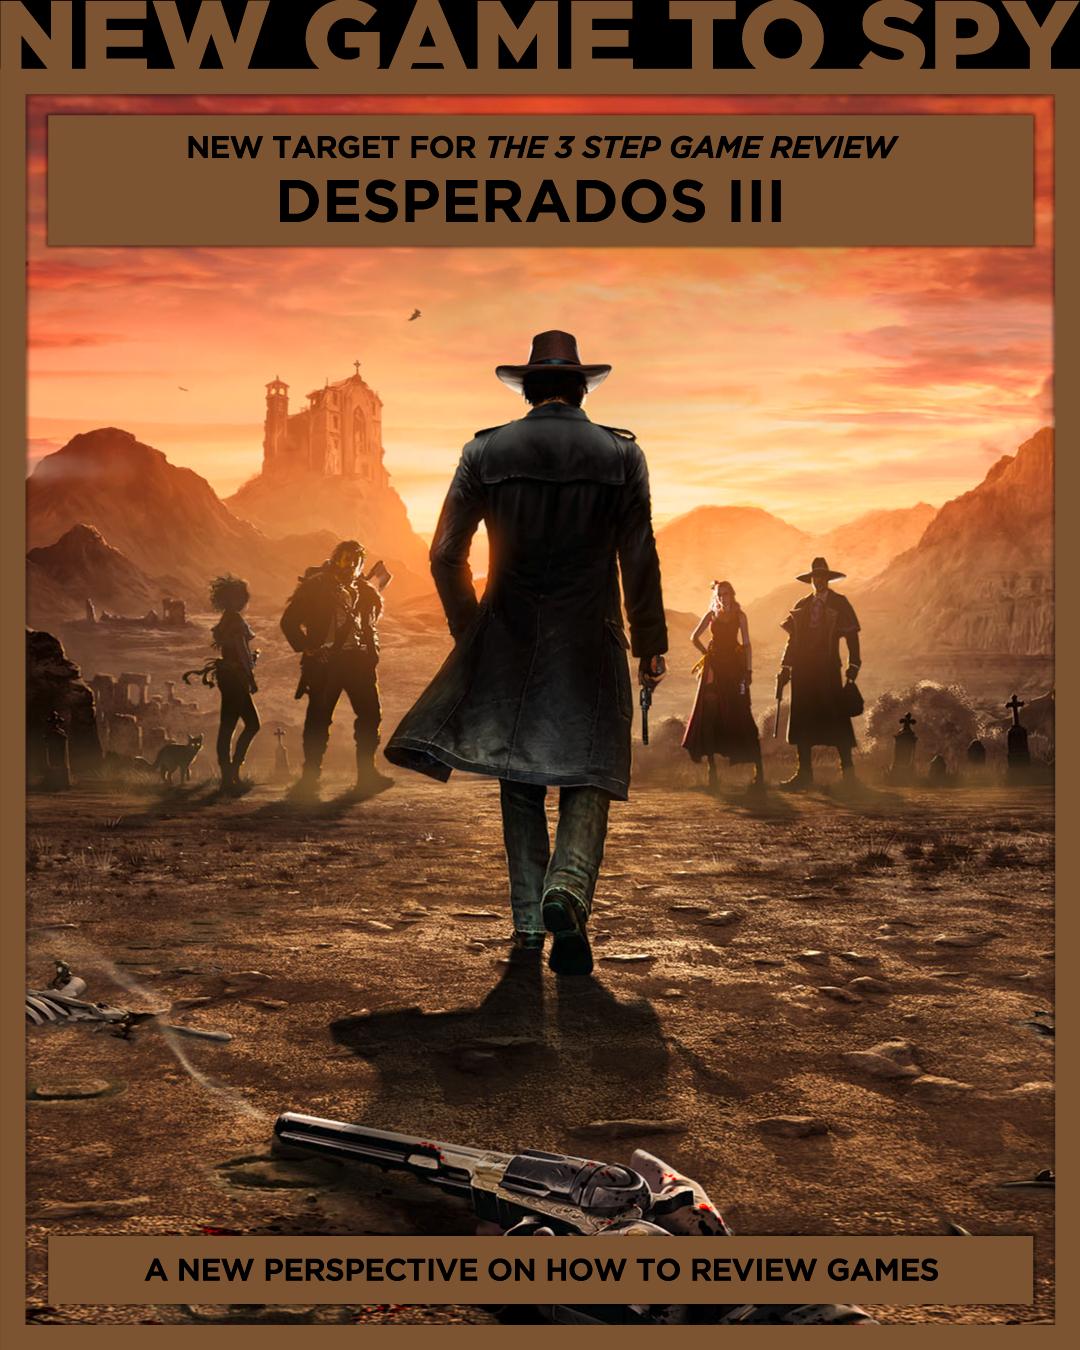 Next Game Review Desperados 3